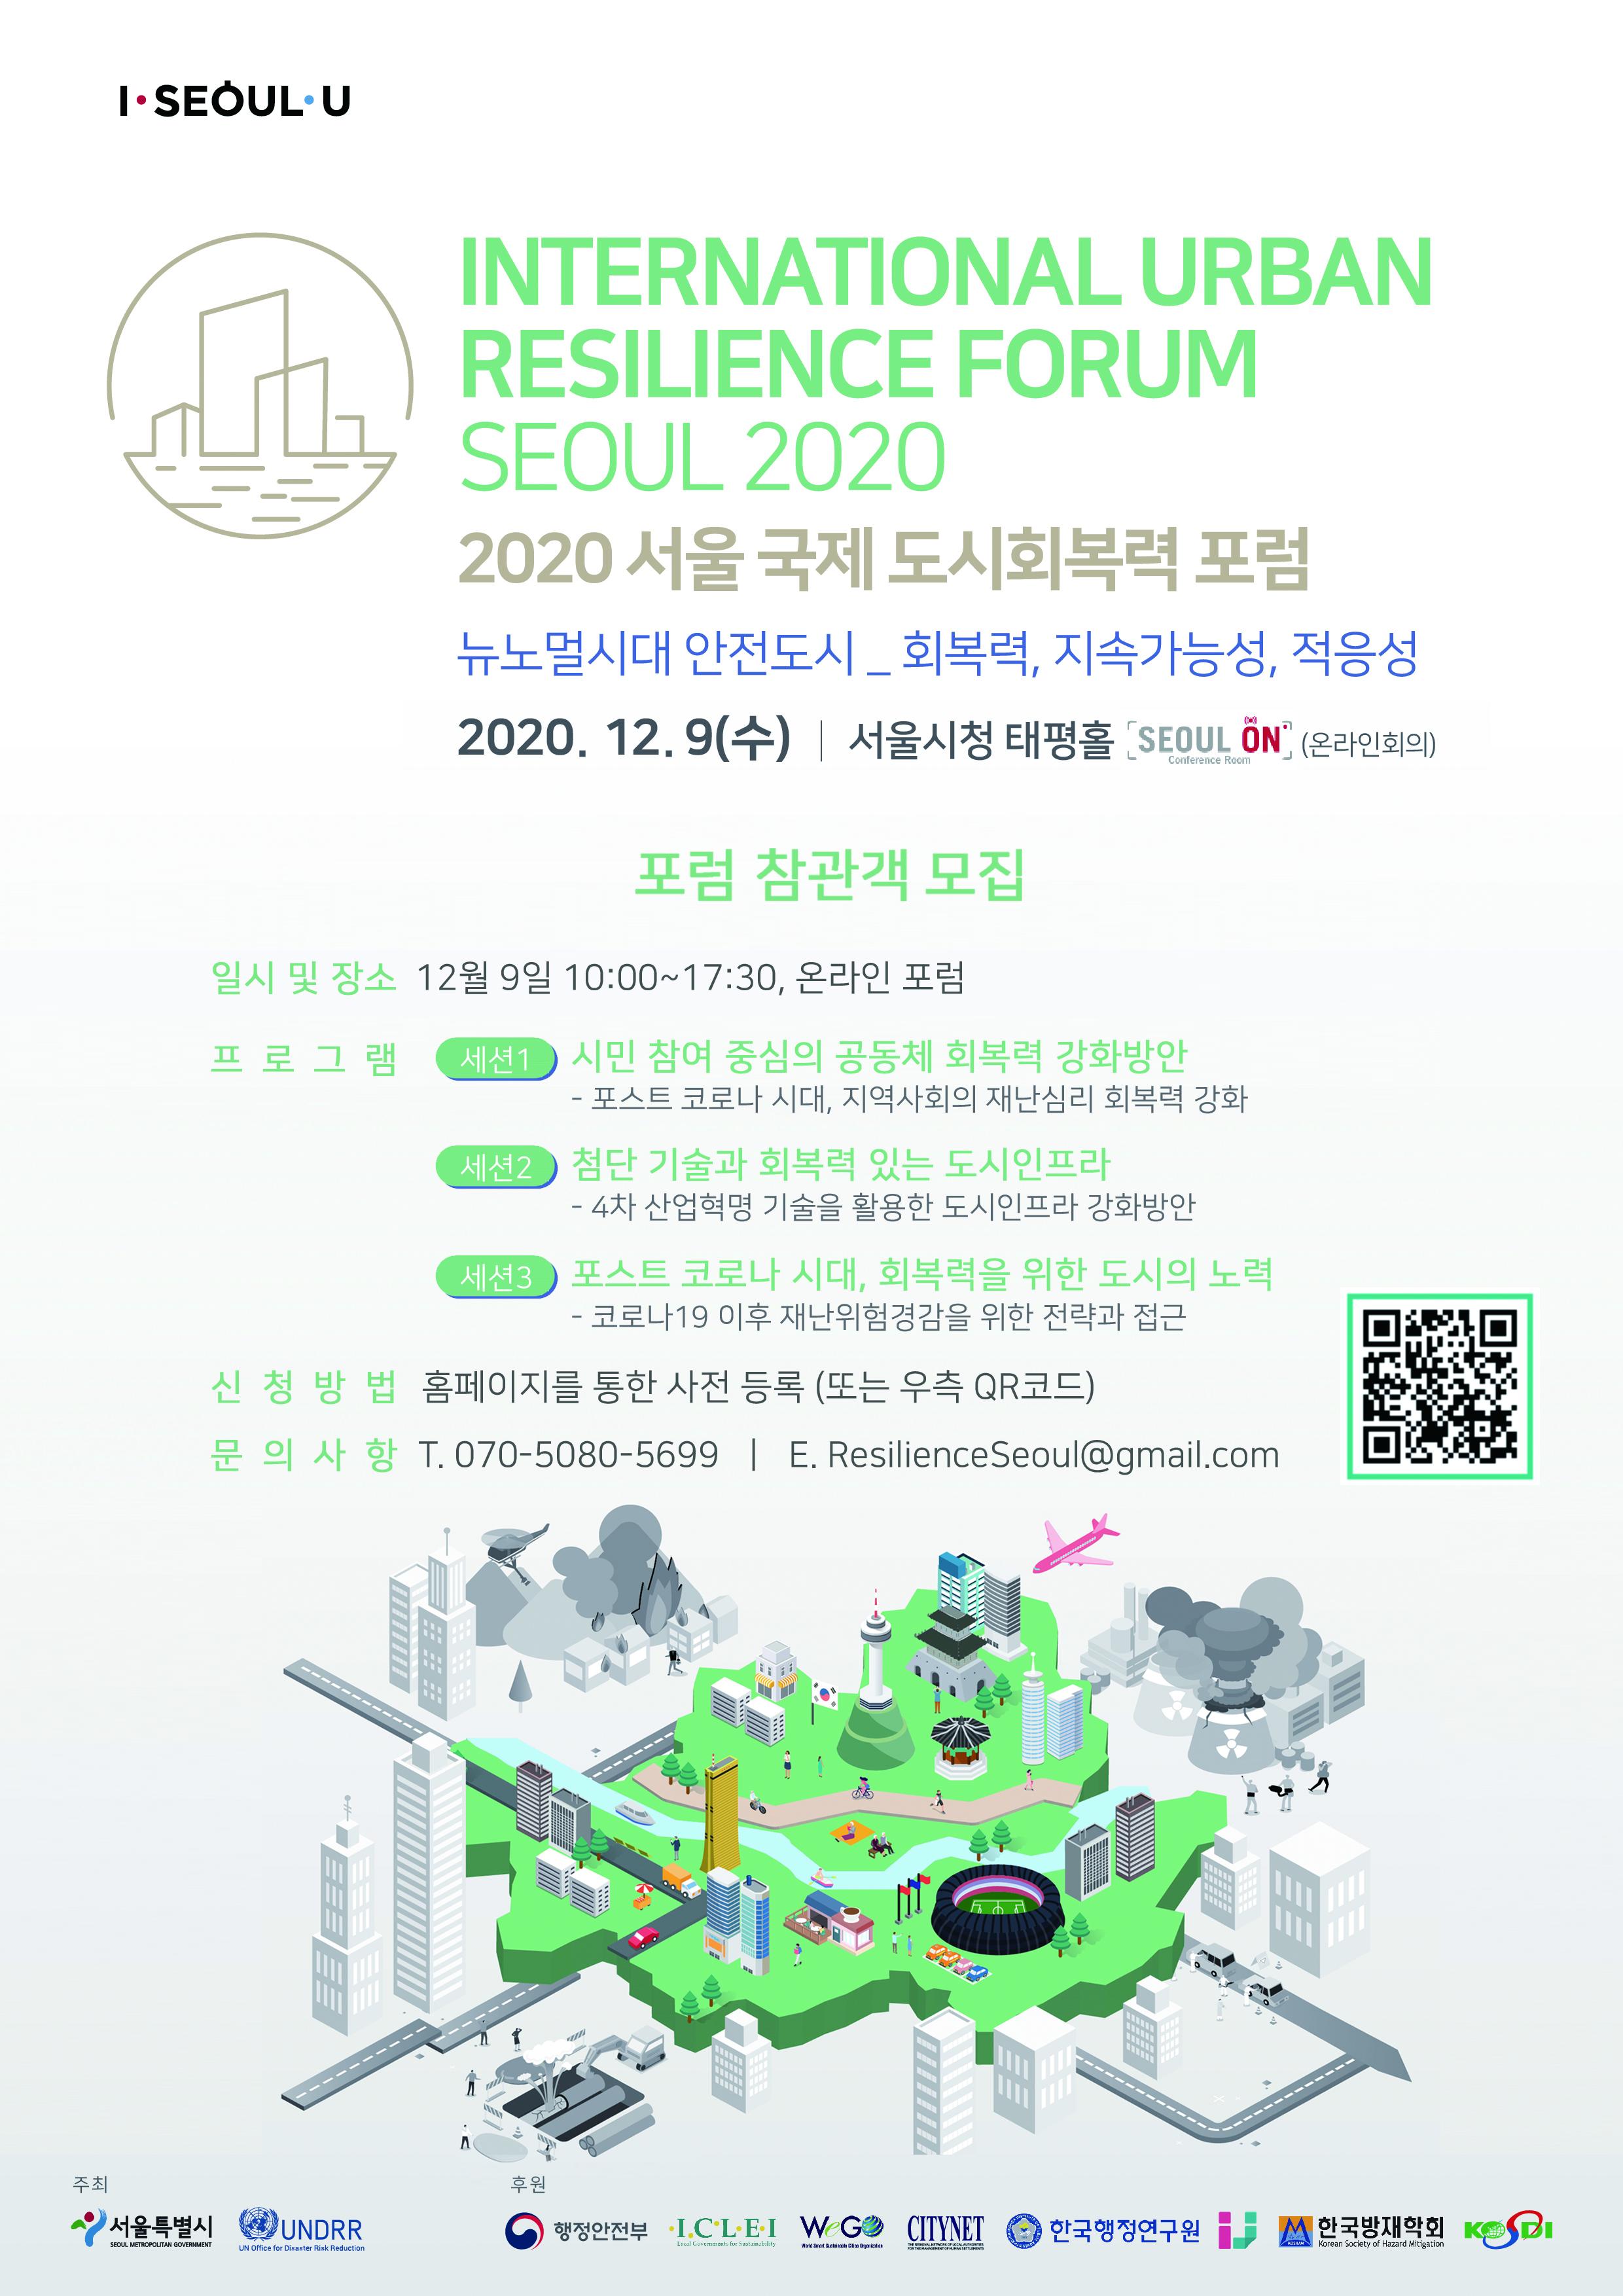 포스트 코로나 시대, 도시의 대응 전략 <2020 서울 국제 도시회복력 포럼>